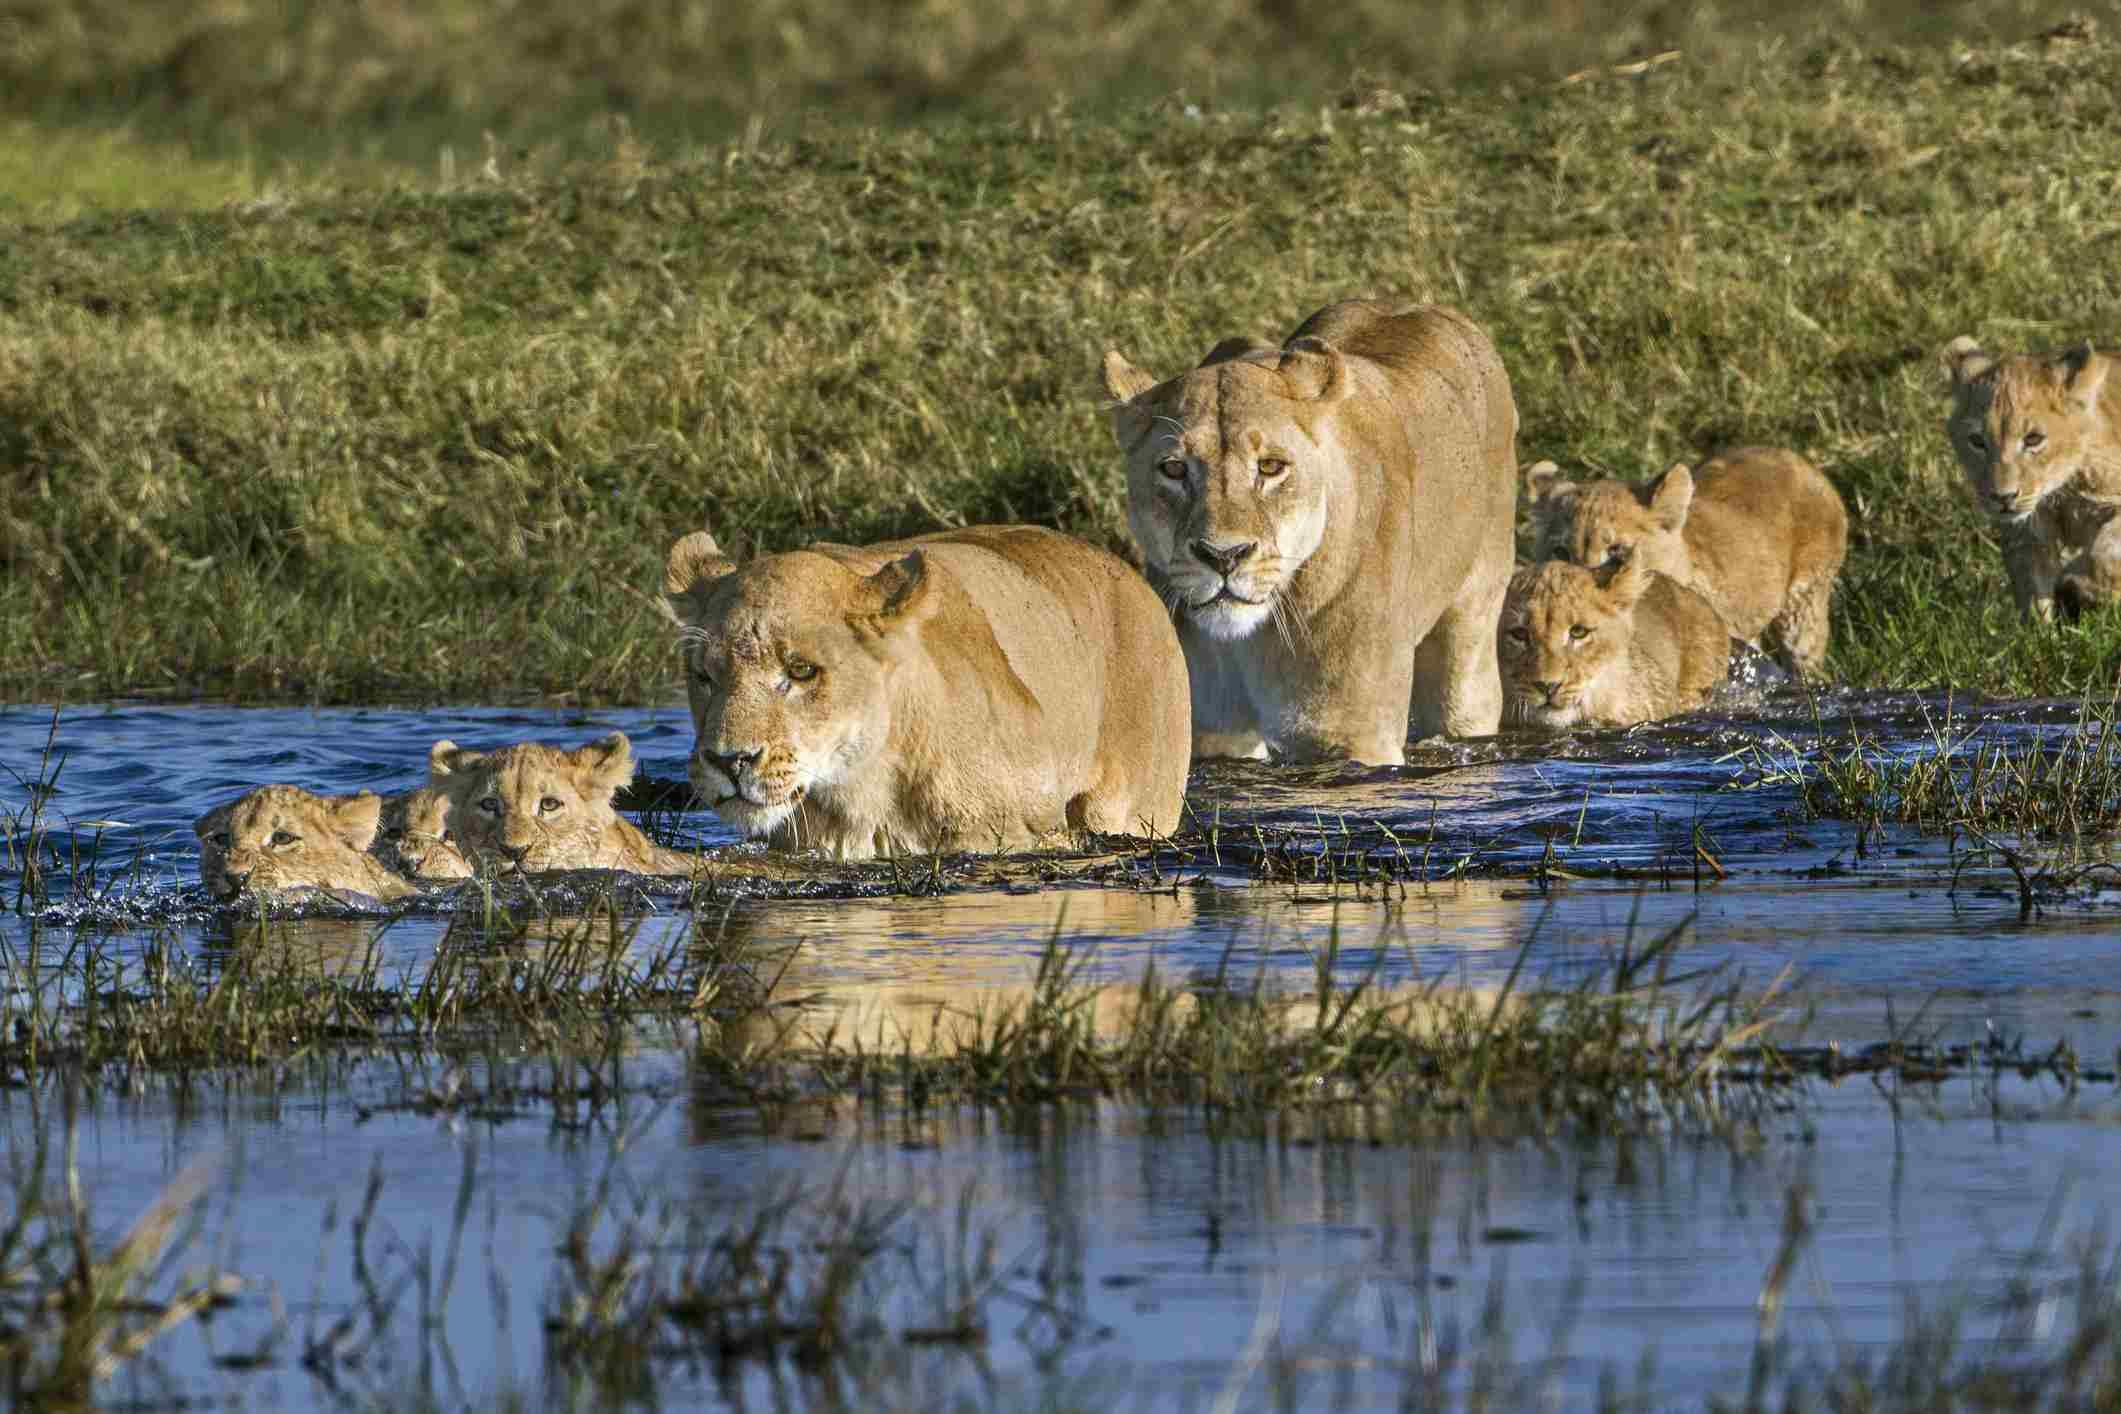 Lionesses herding cubs across the water in the Okavango Delta